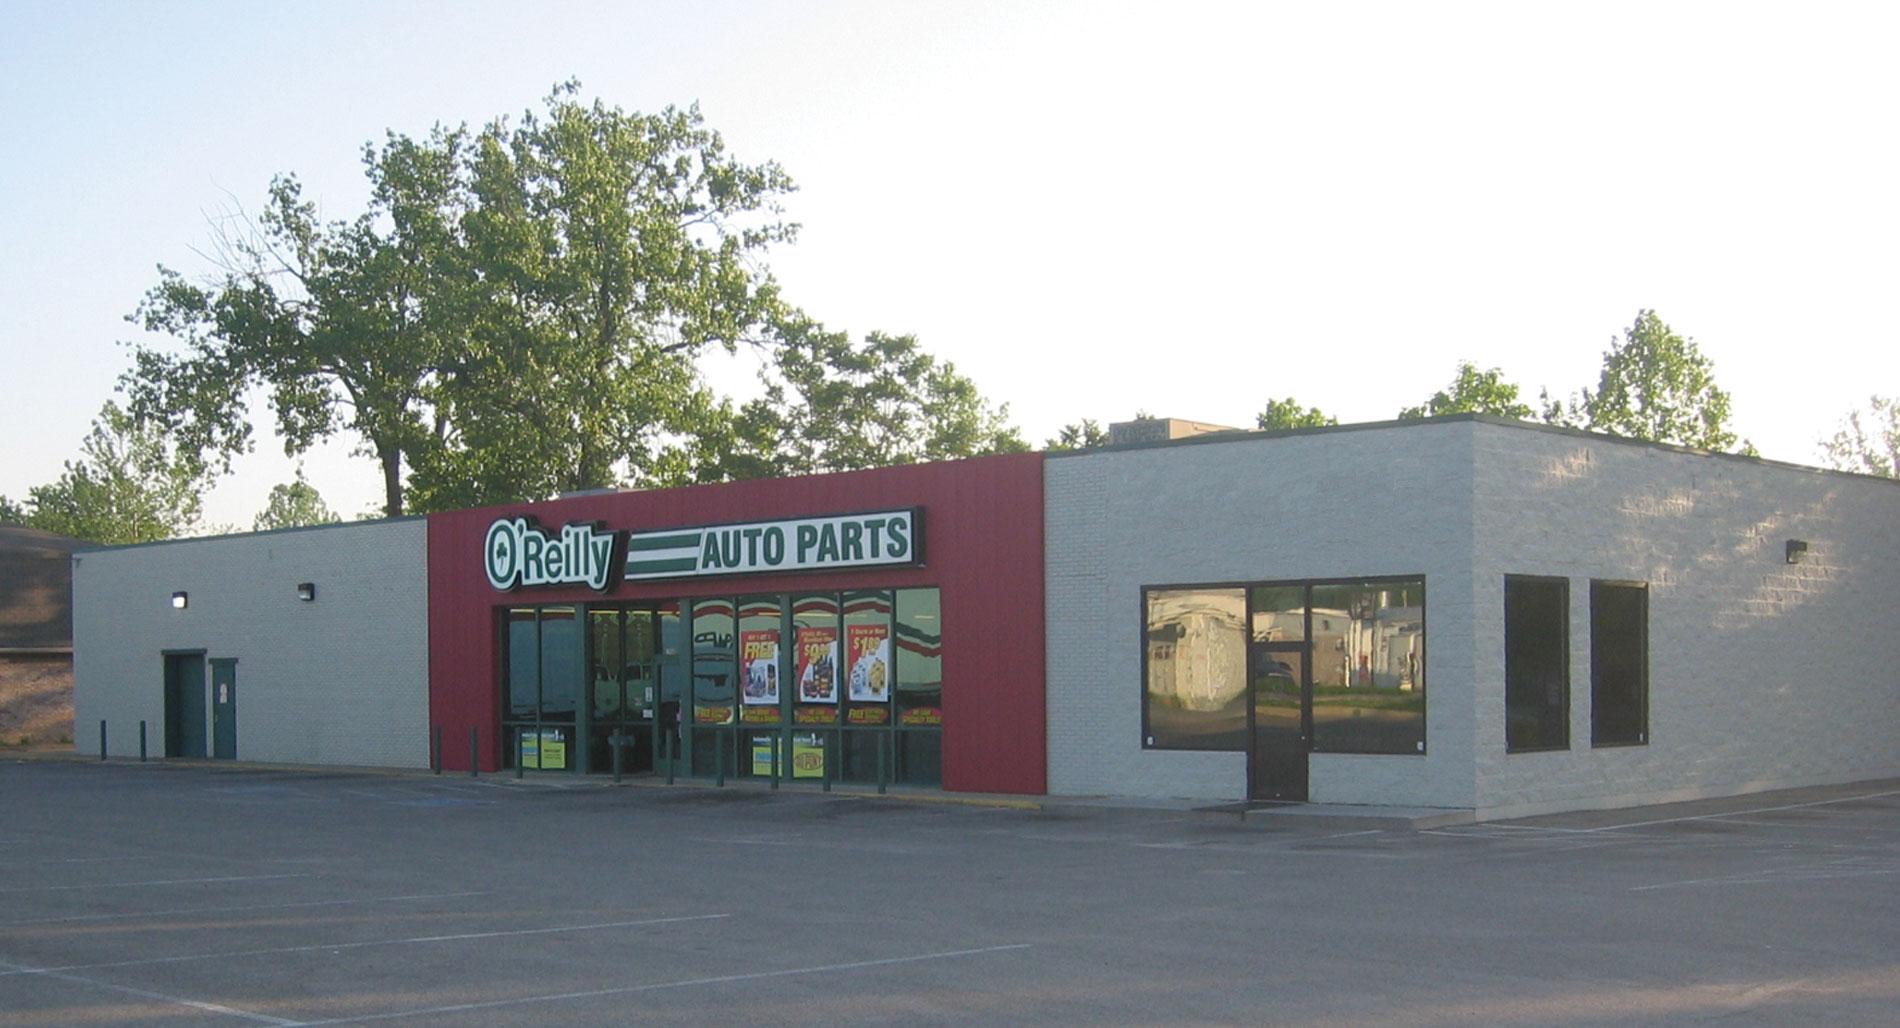 Hart Street Center